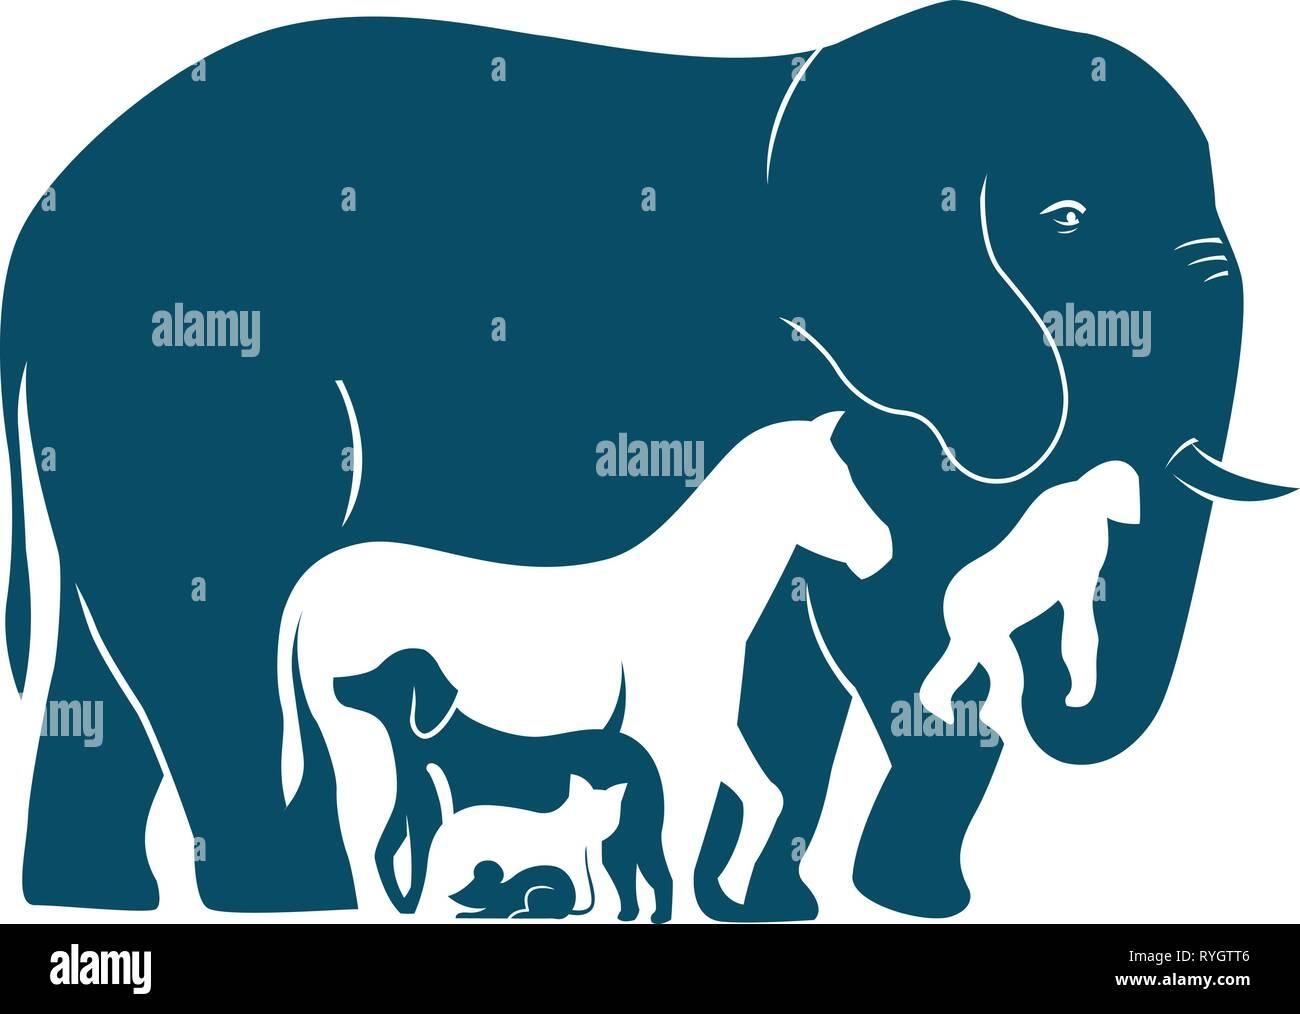 Die Abbildung zeigt verschiedene Säugetierarten, wie sie in der Gewichtszunahme. Abbildung: Im Stil Silhouette gemacht Stockbild